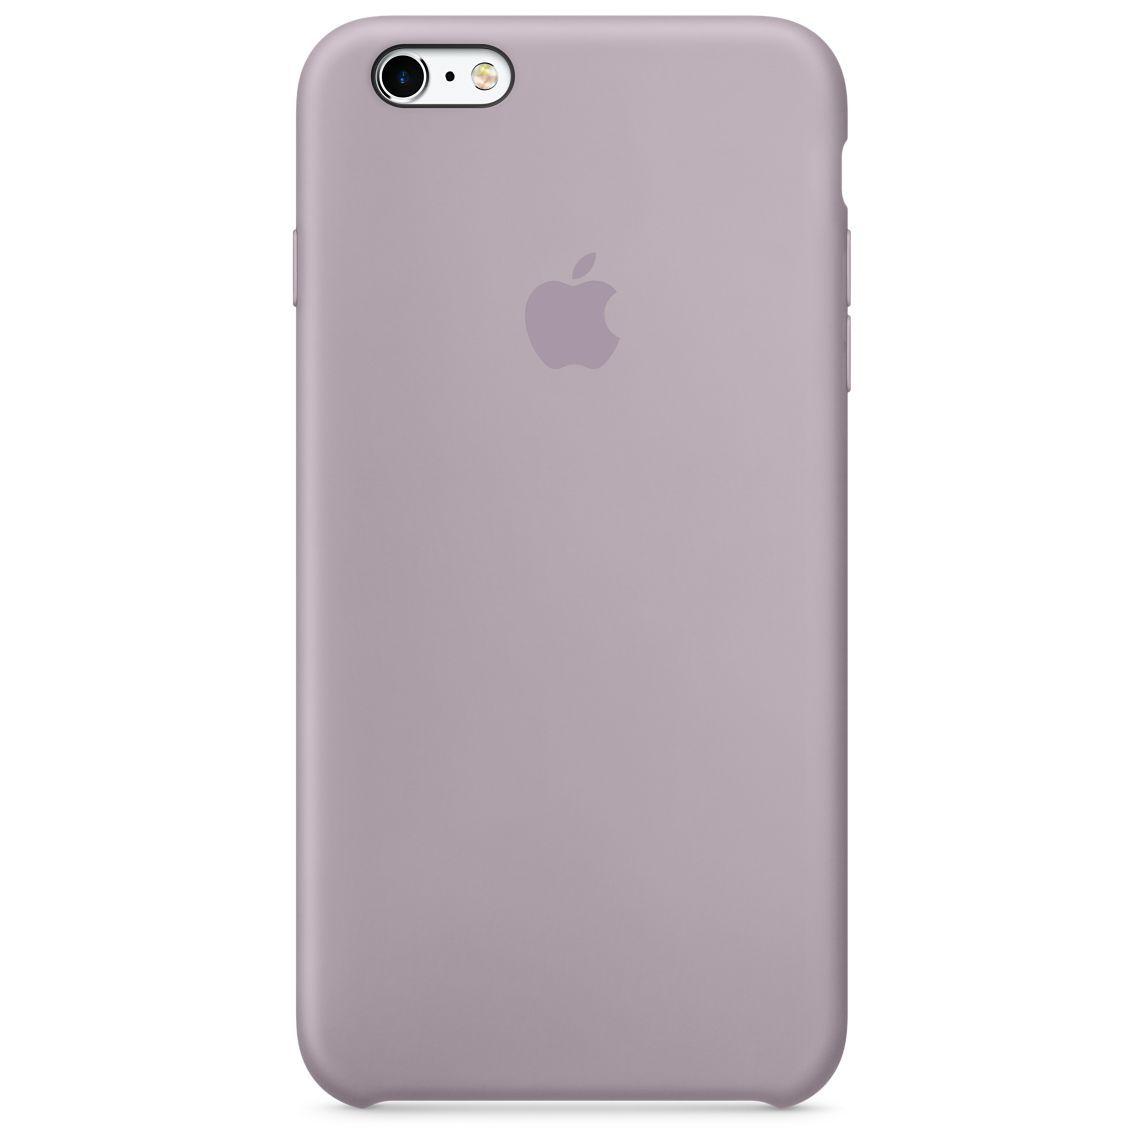 Iphone 6 Plus 6s Plus Silicone Case Midnight Blue Fundas Para Iphone Fundas Para Iphone 6 Fundas Para Iphone 5